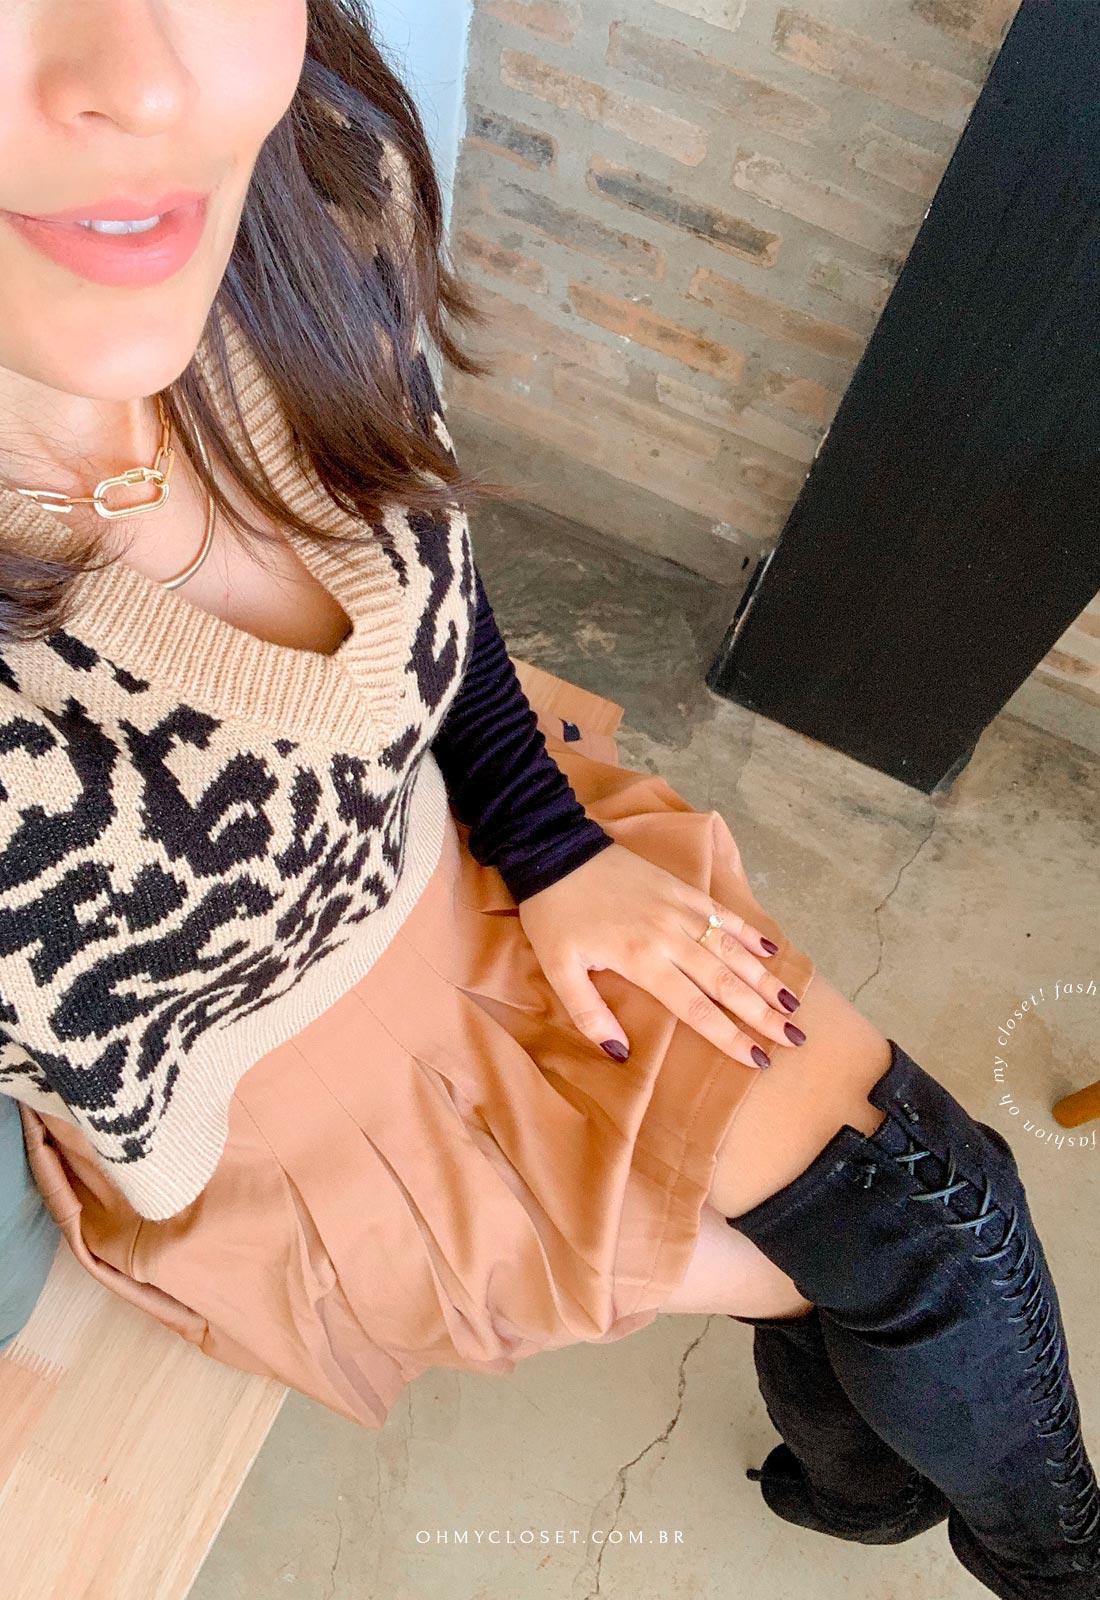 Outro ângulo look do dia com colete de tricot curto.